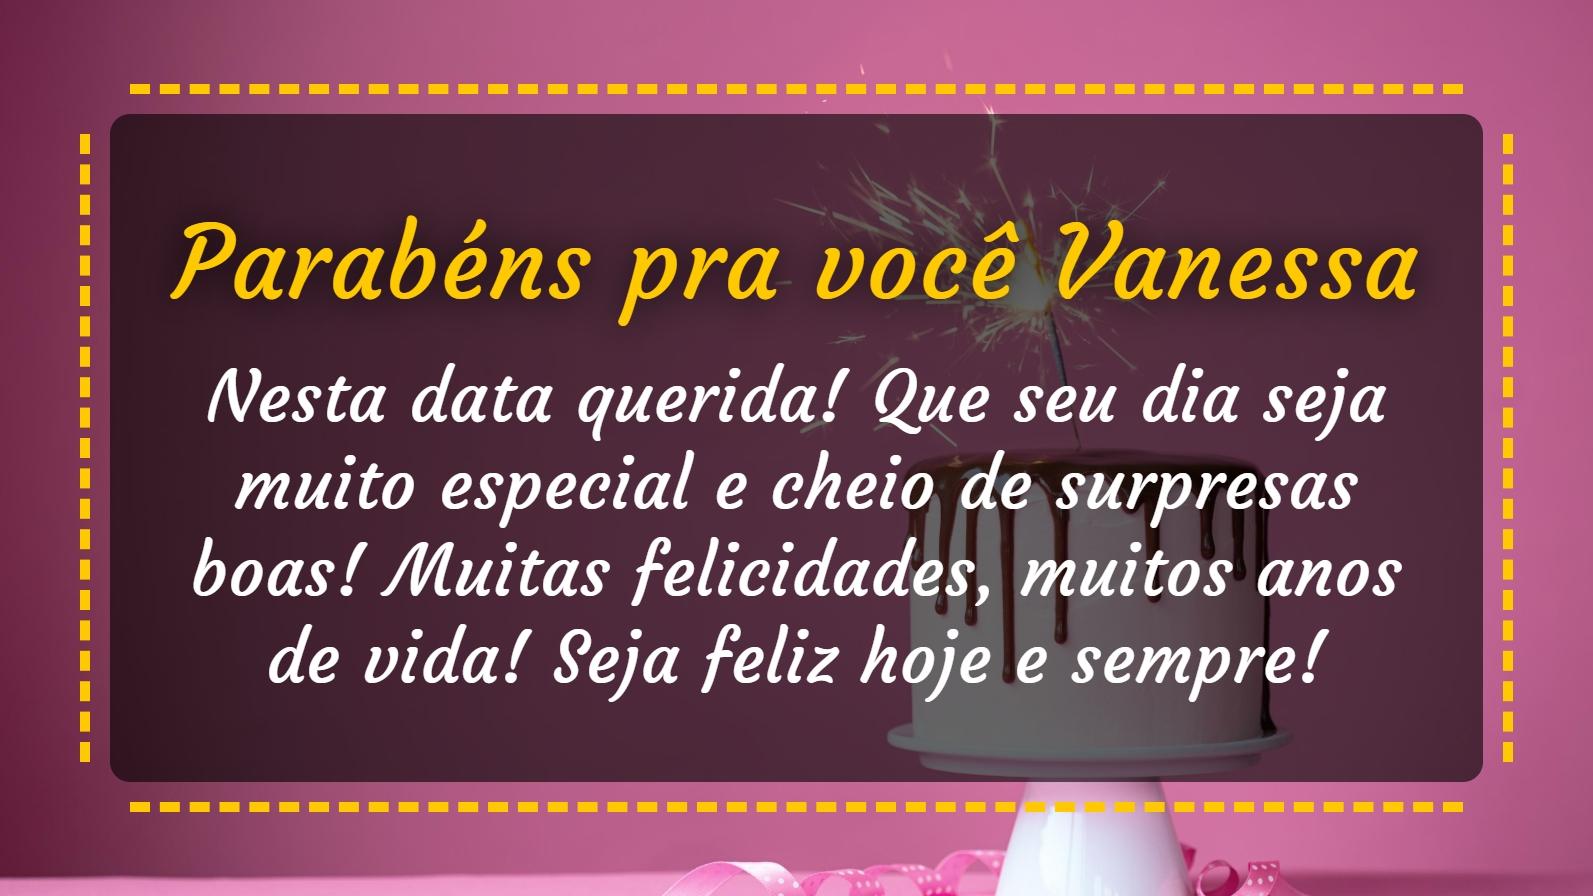 Parabéns pra você Vanessa! Parabens pra voce. Nesta data querida! Que seu dia seja muito especial e cheio de surpresas boas! Muitas felicidades, muitos anos de vida! Seja feliz hoje e sempre! Parabens!